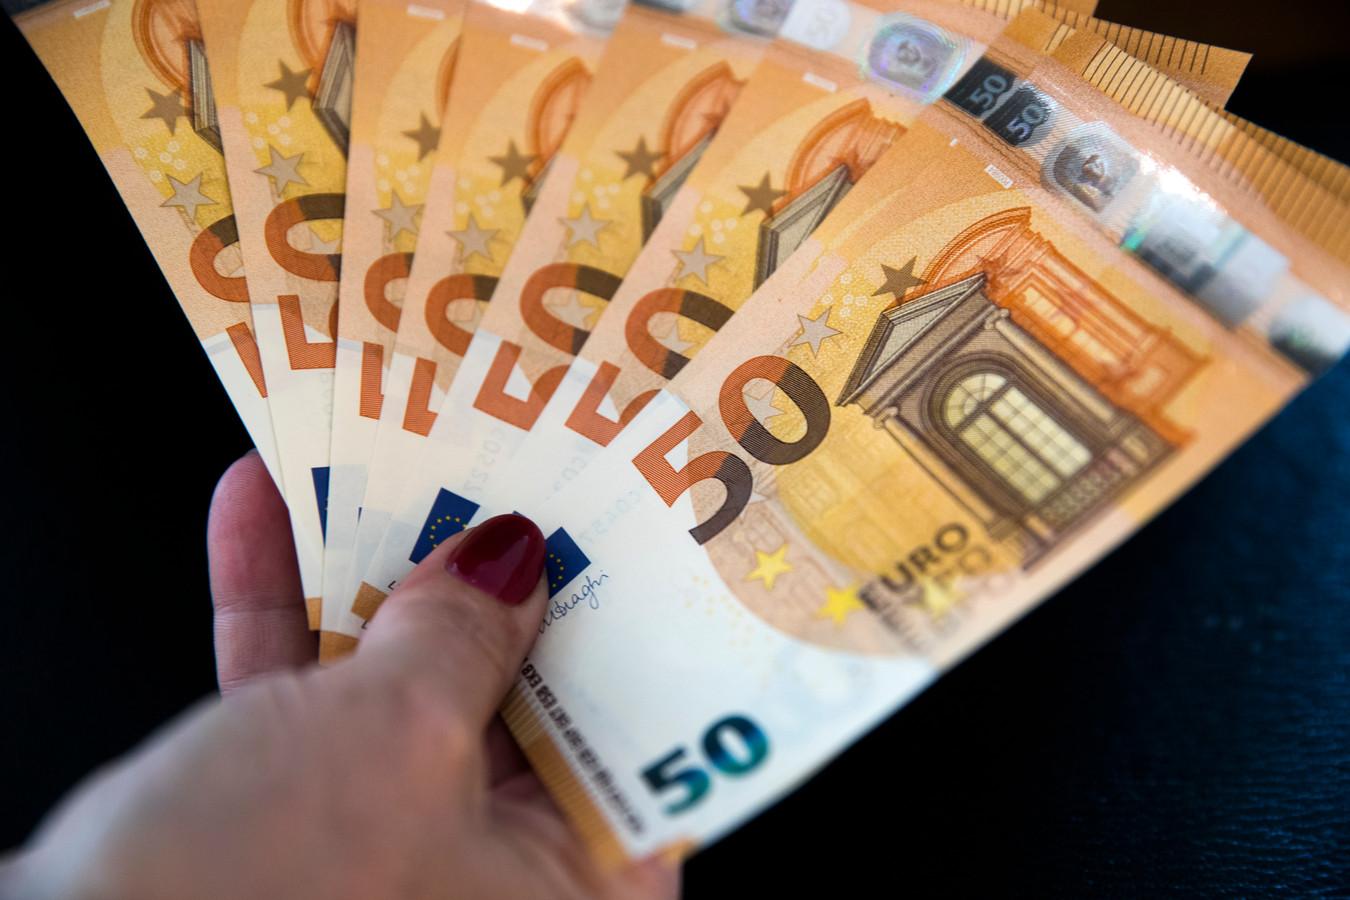 De gemiddelde kwijtgescholden schuld bedraagt 6400 euro.